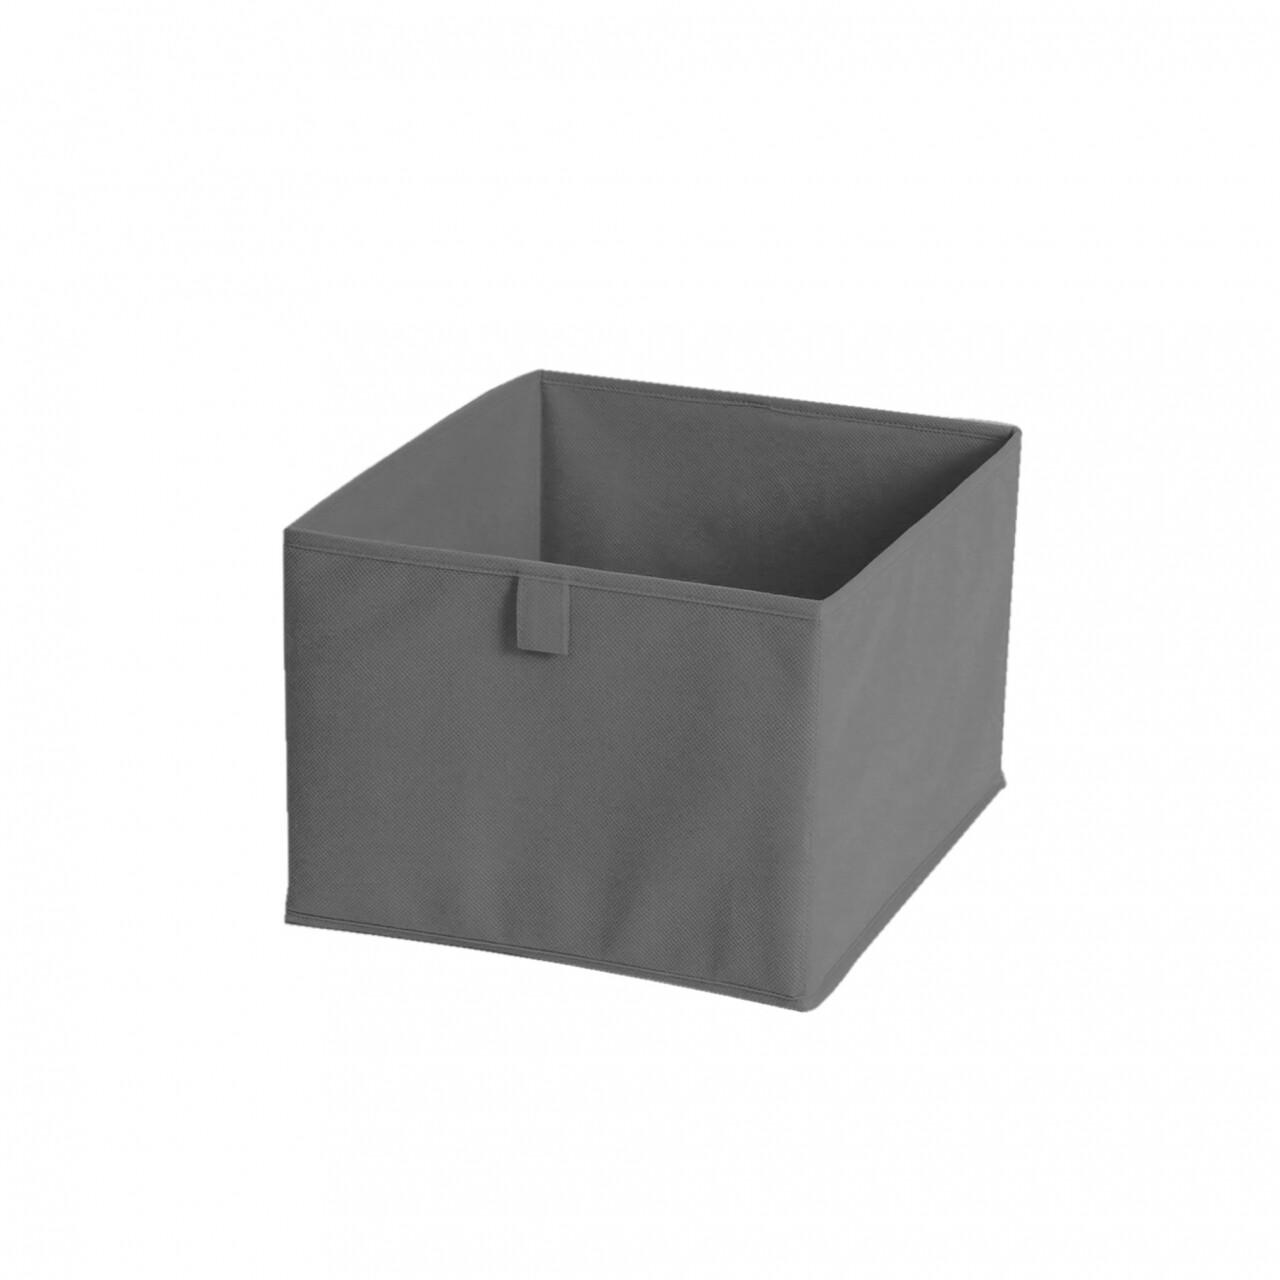 Cutie de depozitare Grey, Jocca, 19 x 30 x 30 cm, PVC, gri